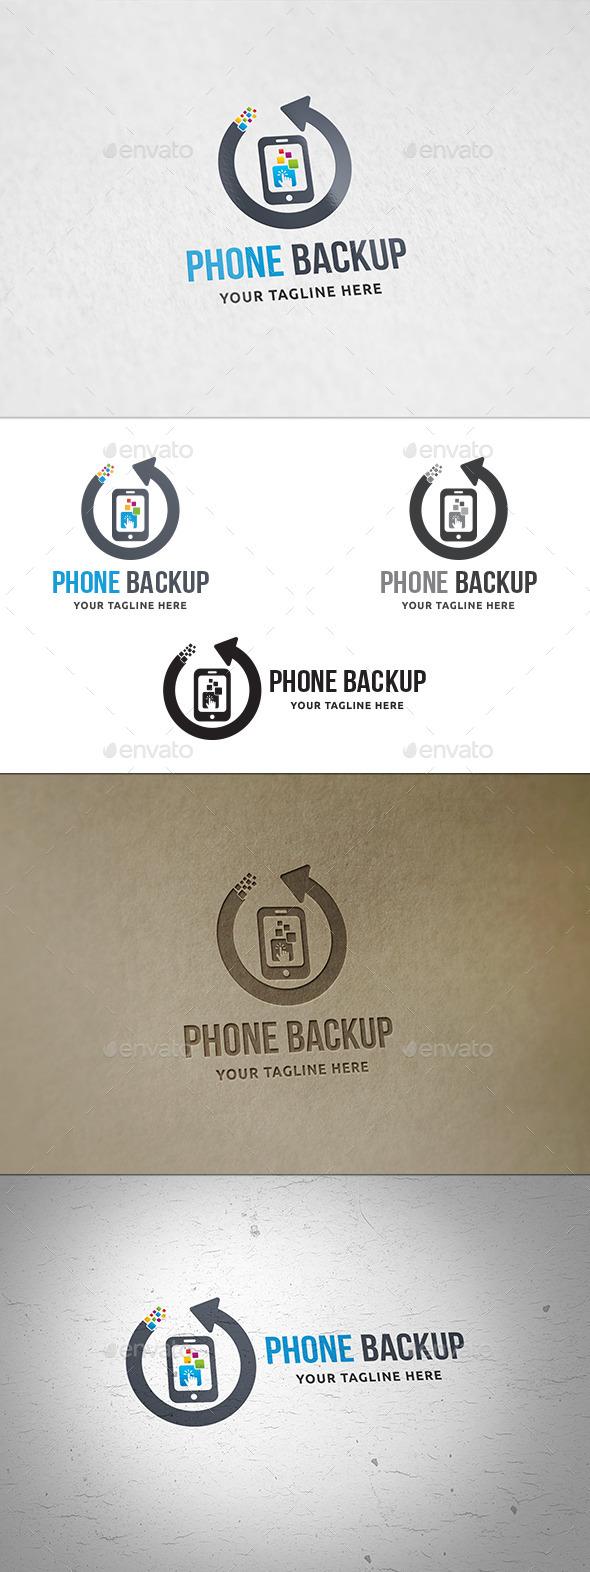 Phone Backup Logo